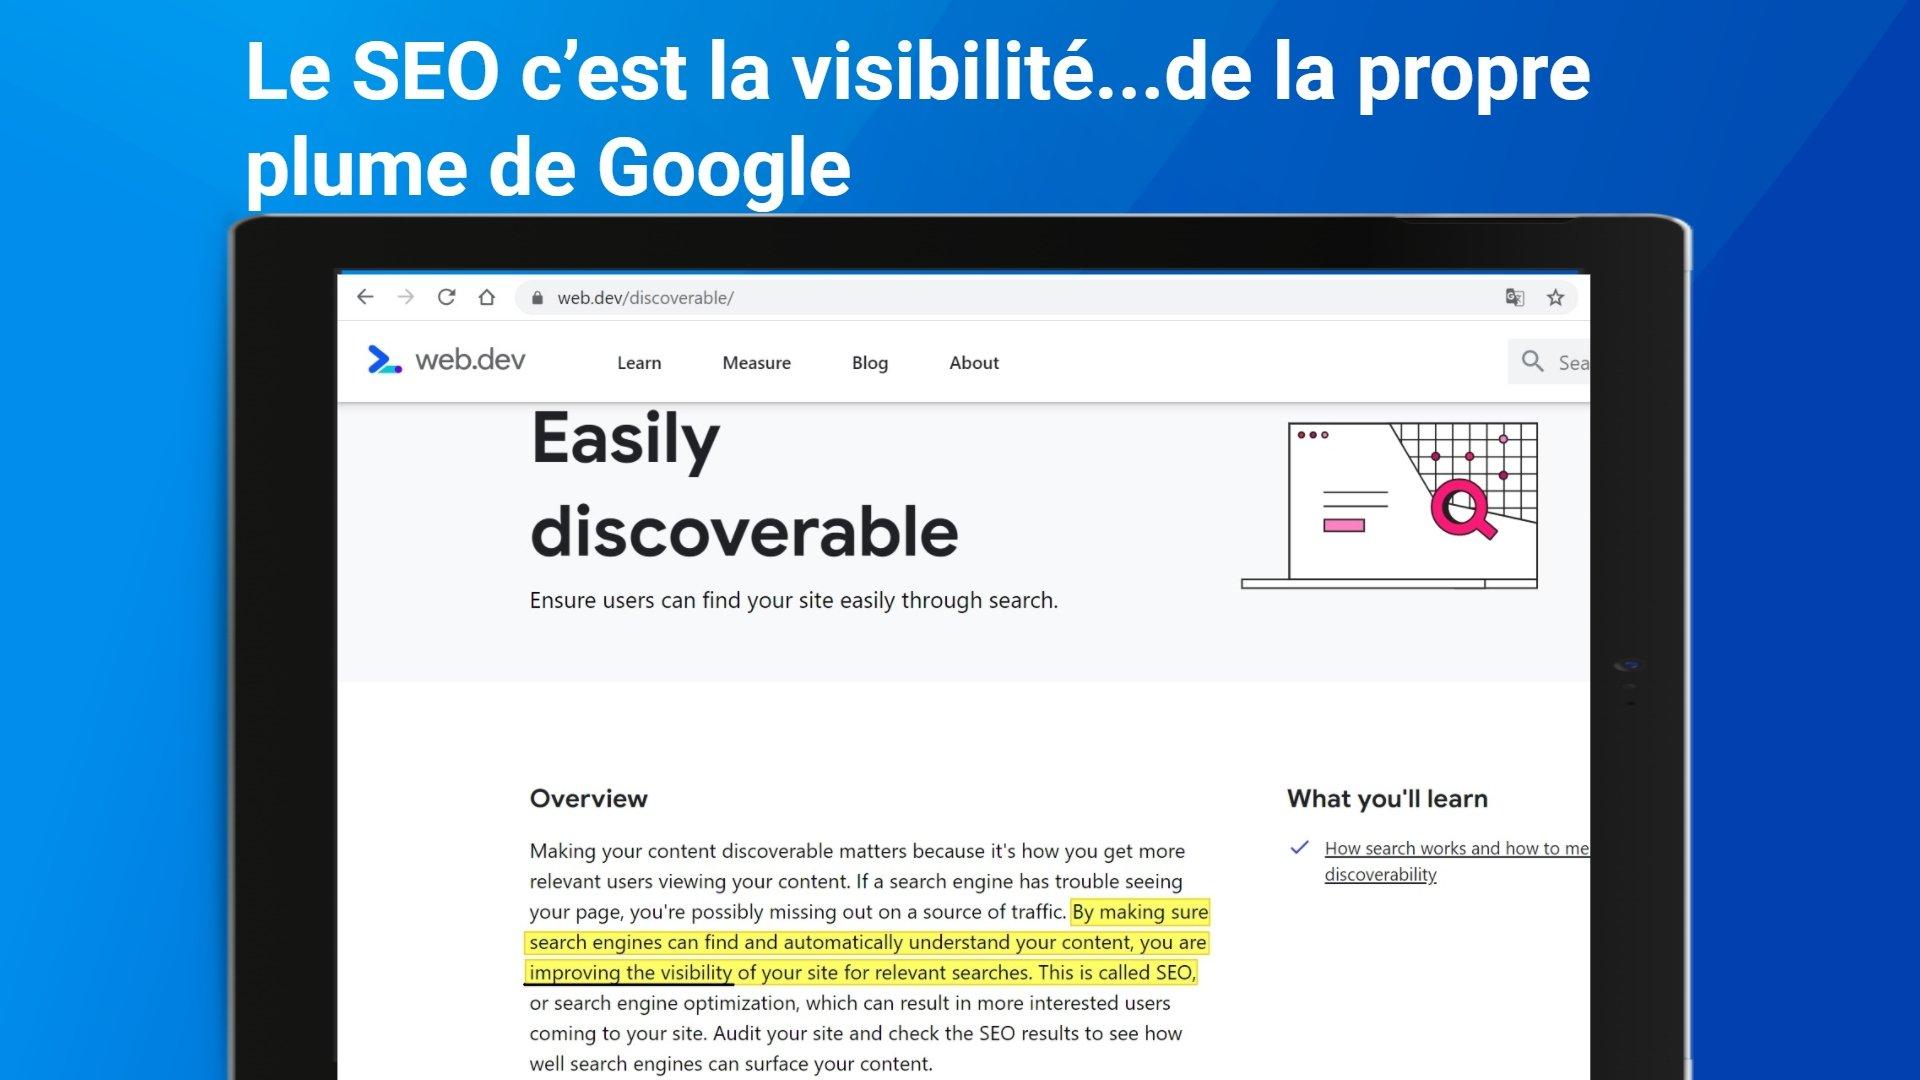 SEO = Visibilité